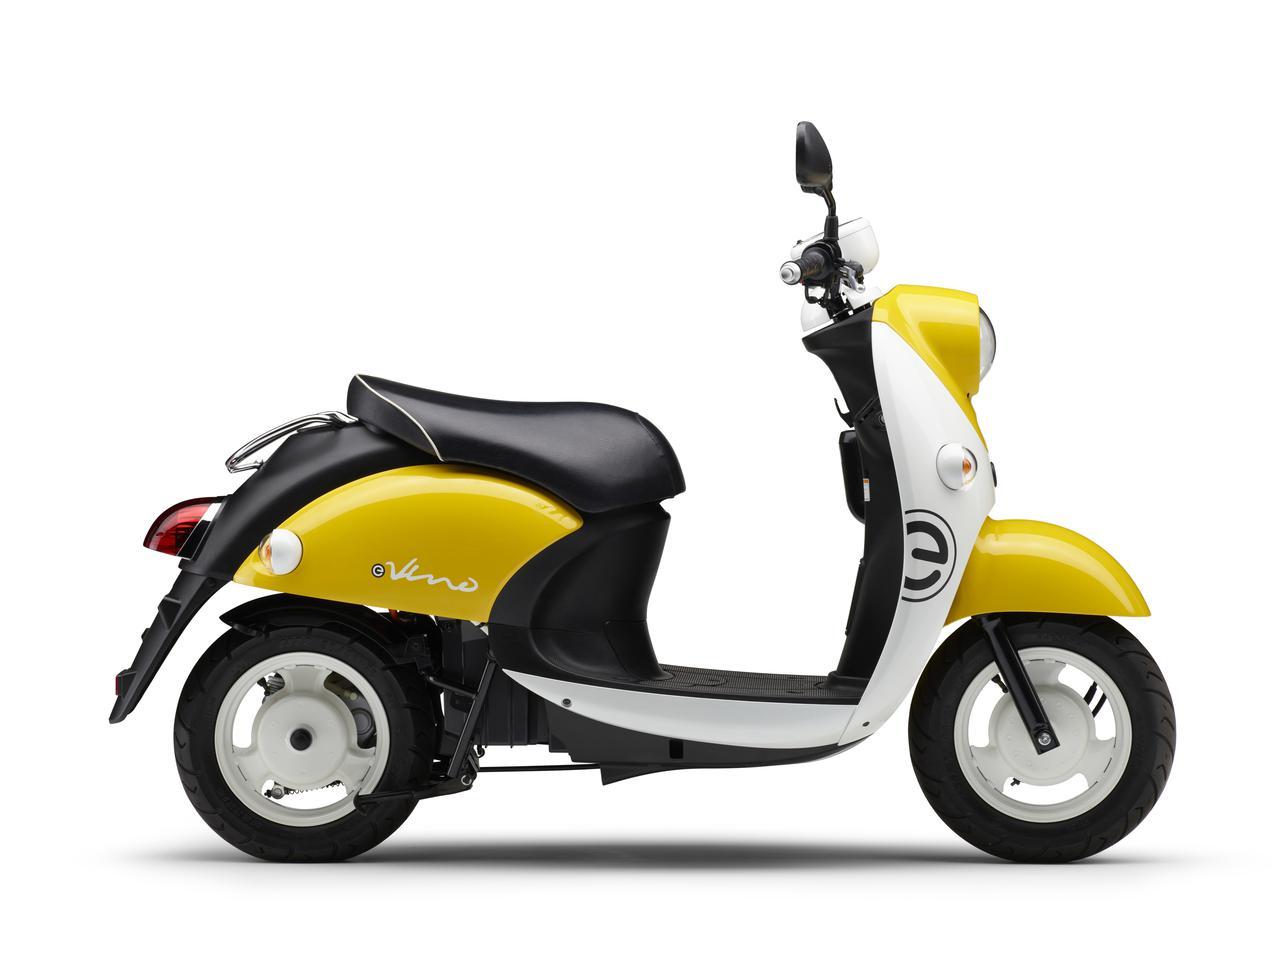 Images : 1番目の画像 - ヤマハ「E-Vino」の写真をもっと見る! - webオートバイ